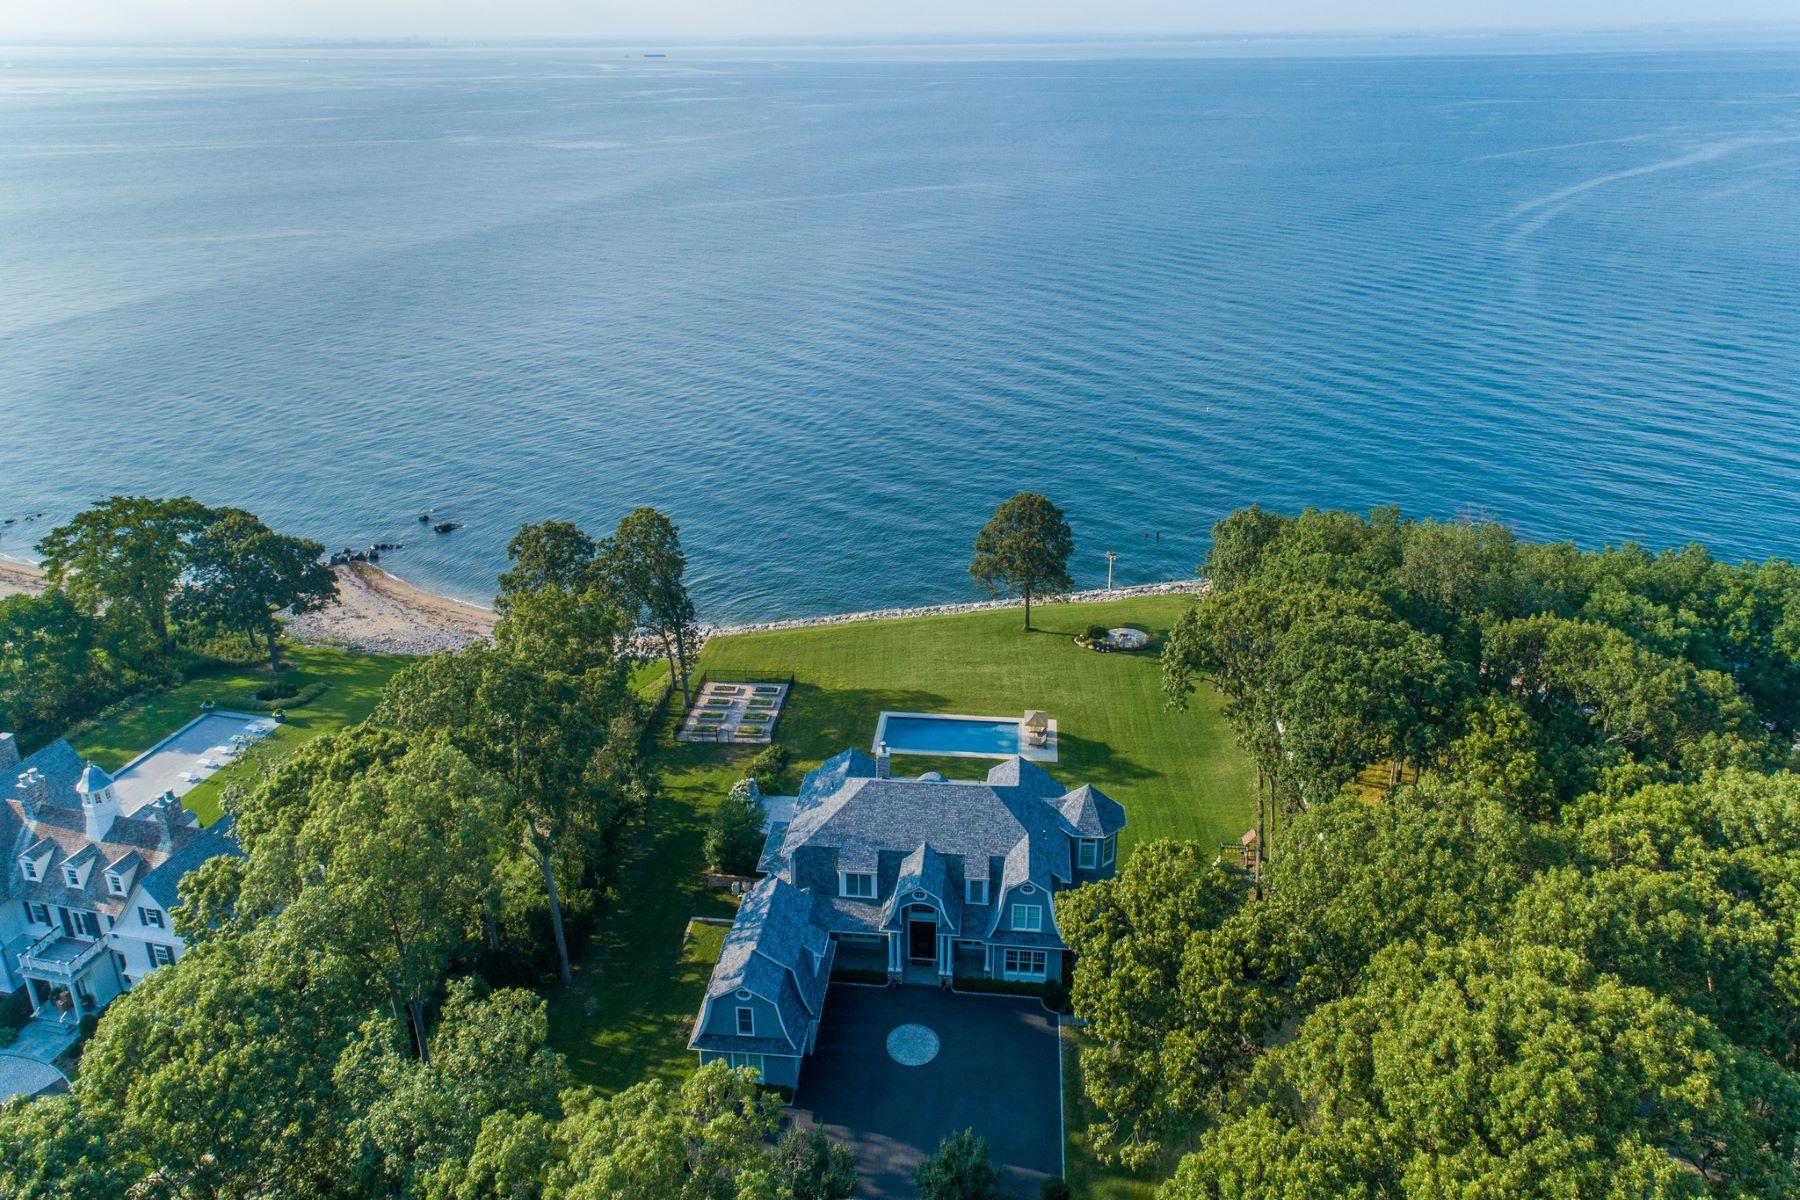 Single Family Homes für Verkauf beim Lloyd Neck 15 Beach Dr, Lloyd Neck, New York 11743 Vereinigte Staaten